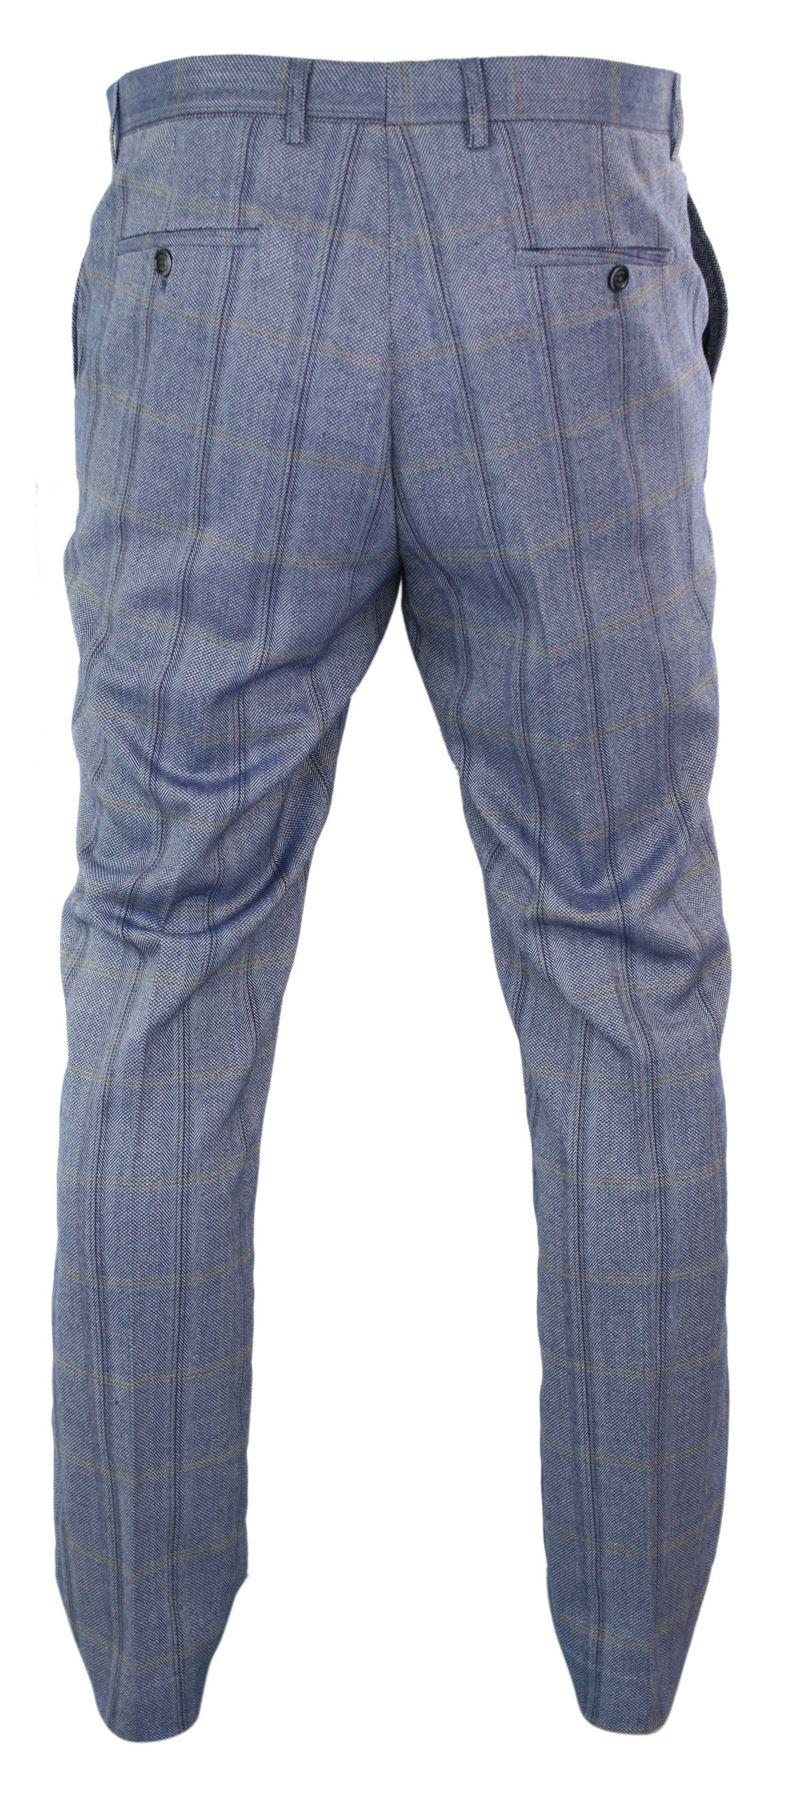 Mens-Herringbone-Tweed-Check-Peaky-Blinders-Trousers-Wool-Vintage-Classic-Retro thumbnail 5